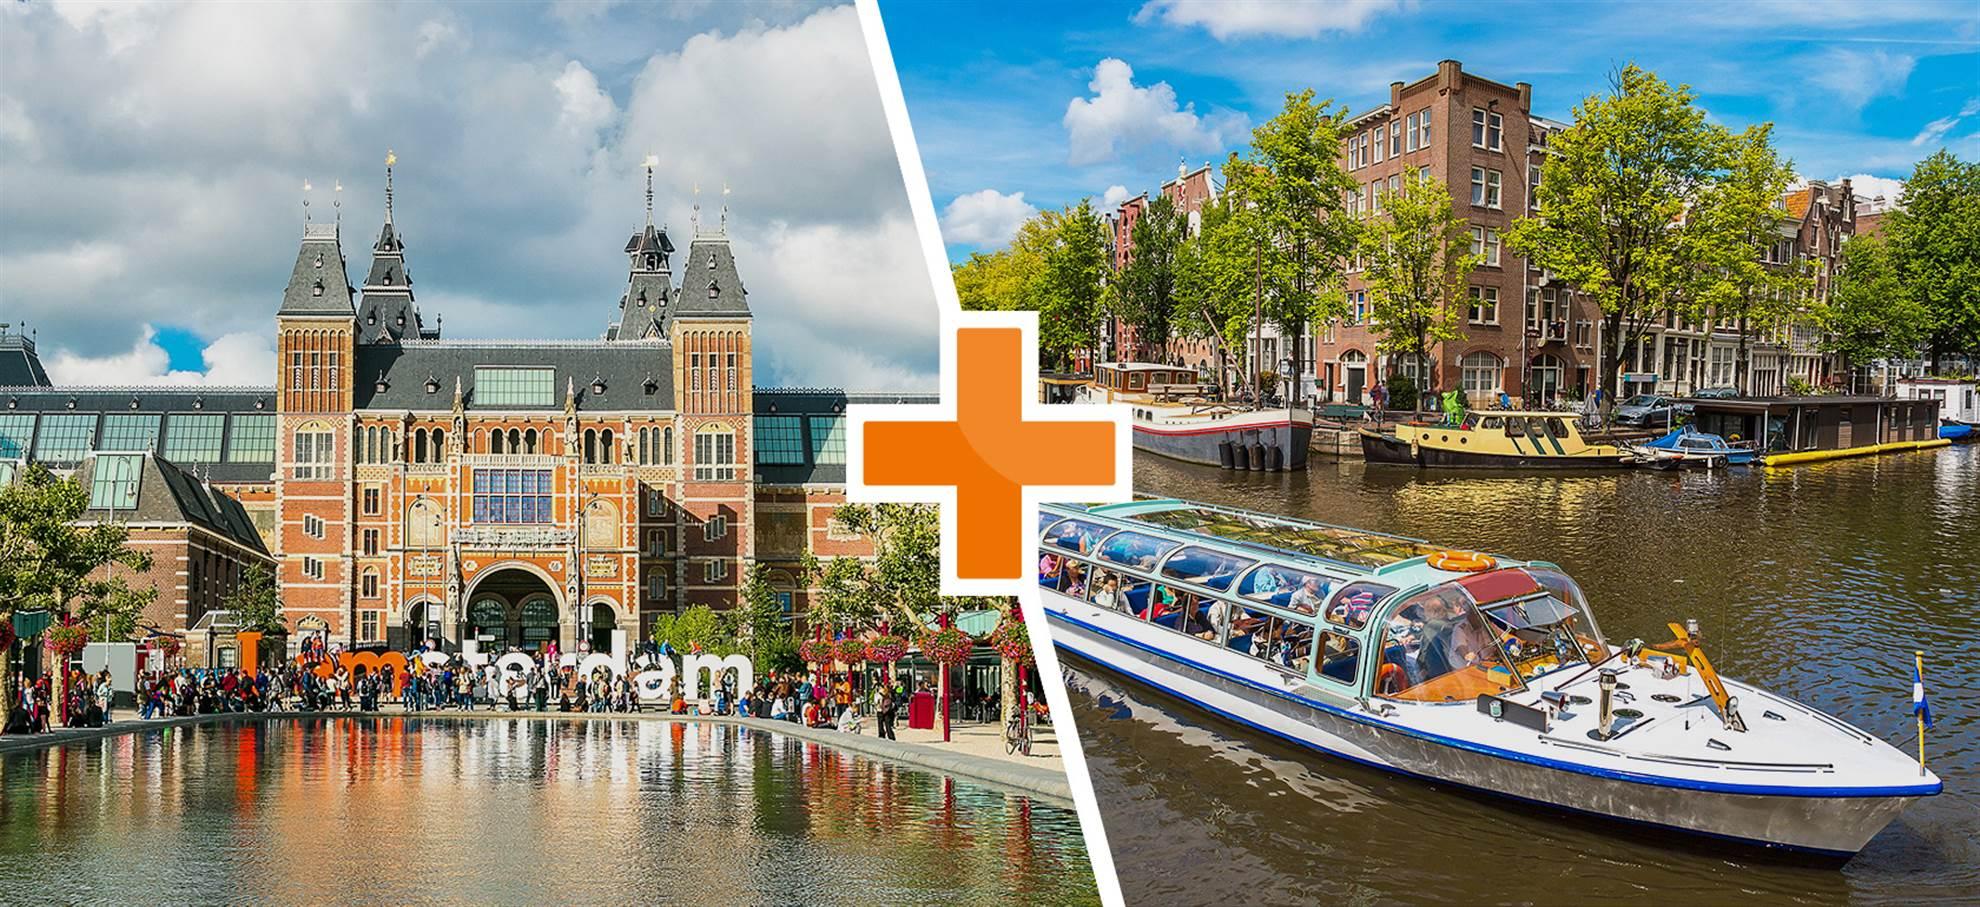 Rondvaart & Rijksmuseum